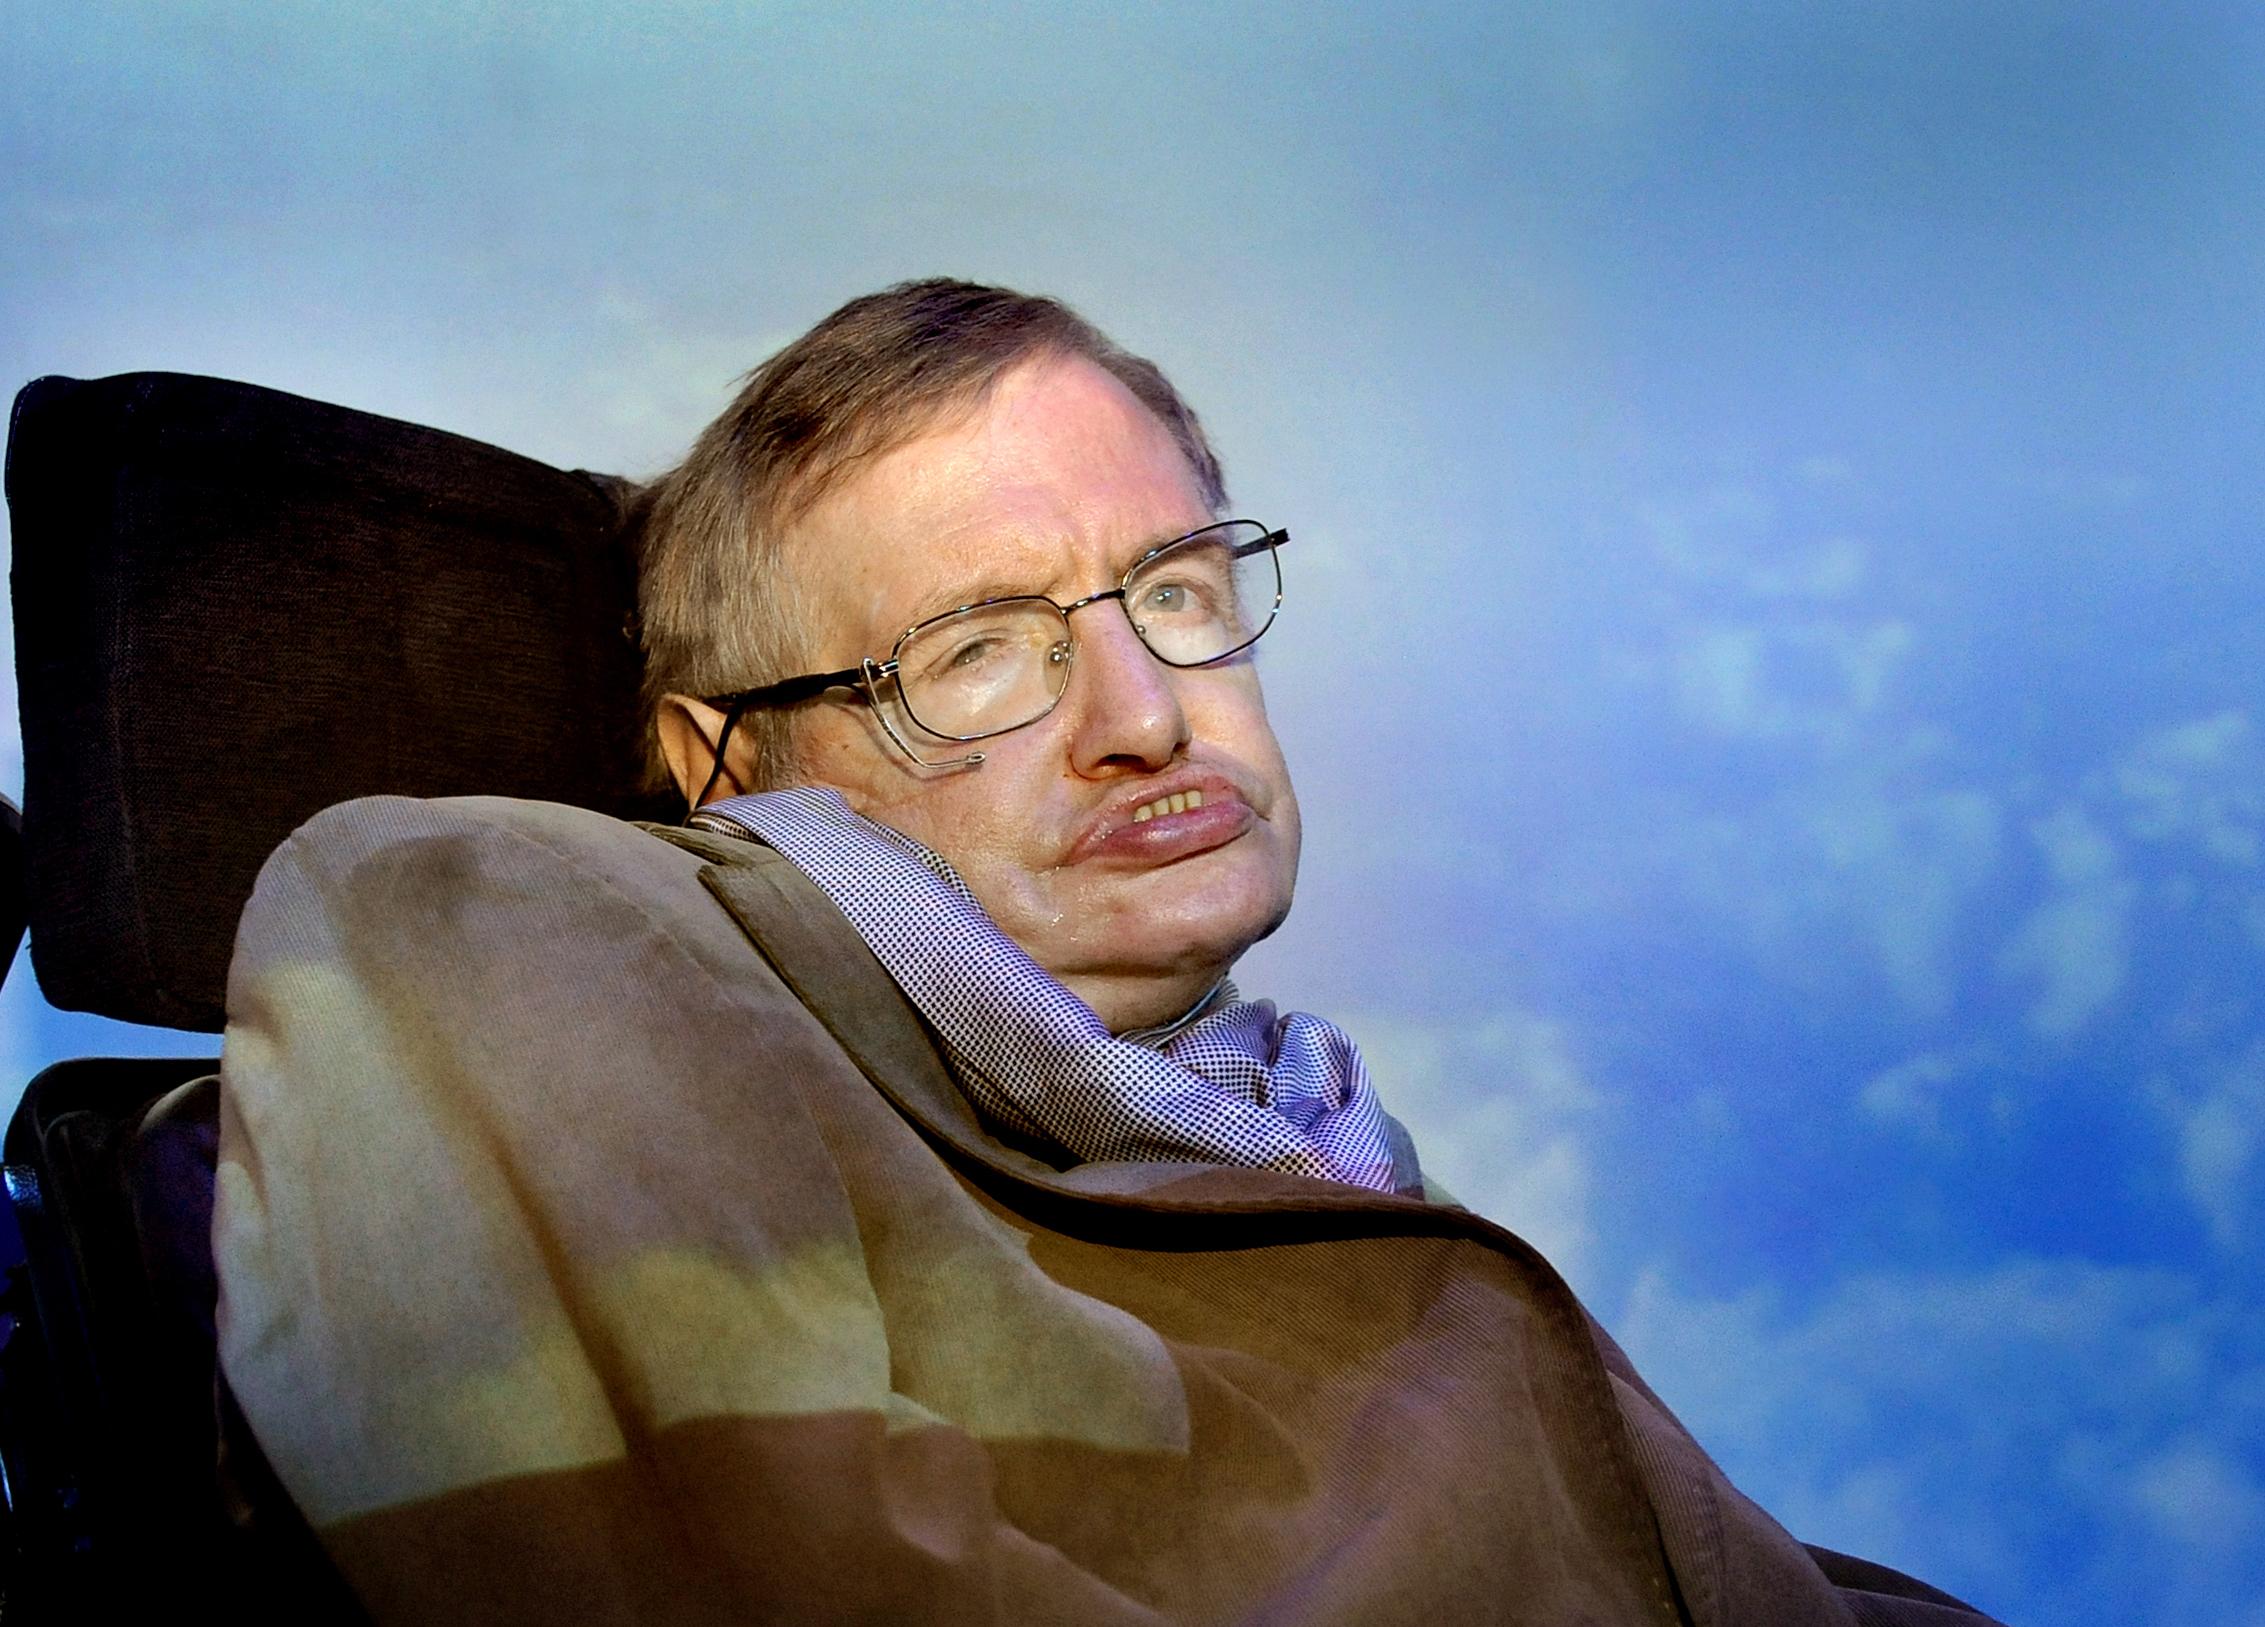 Stephen Hawking attends exhibition